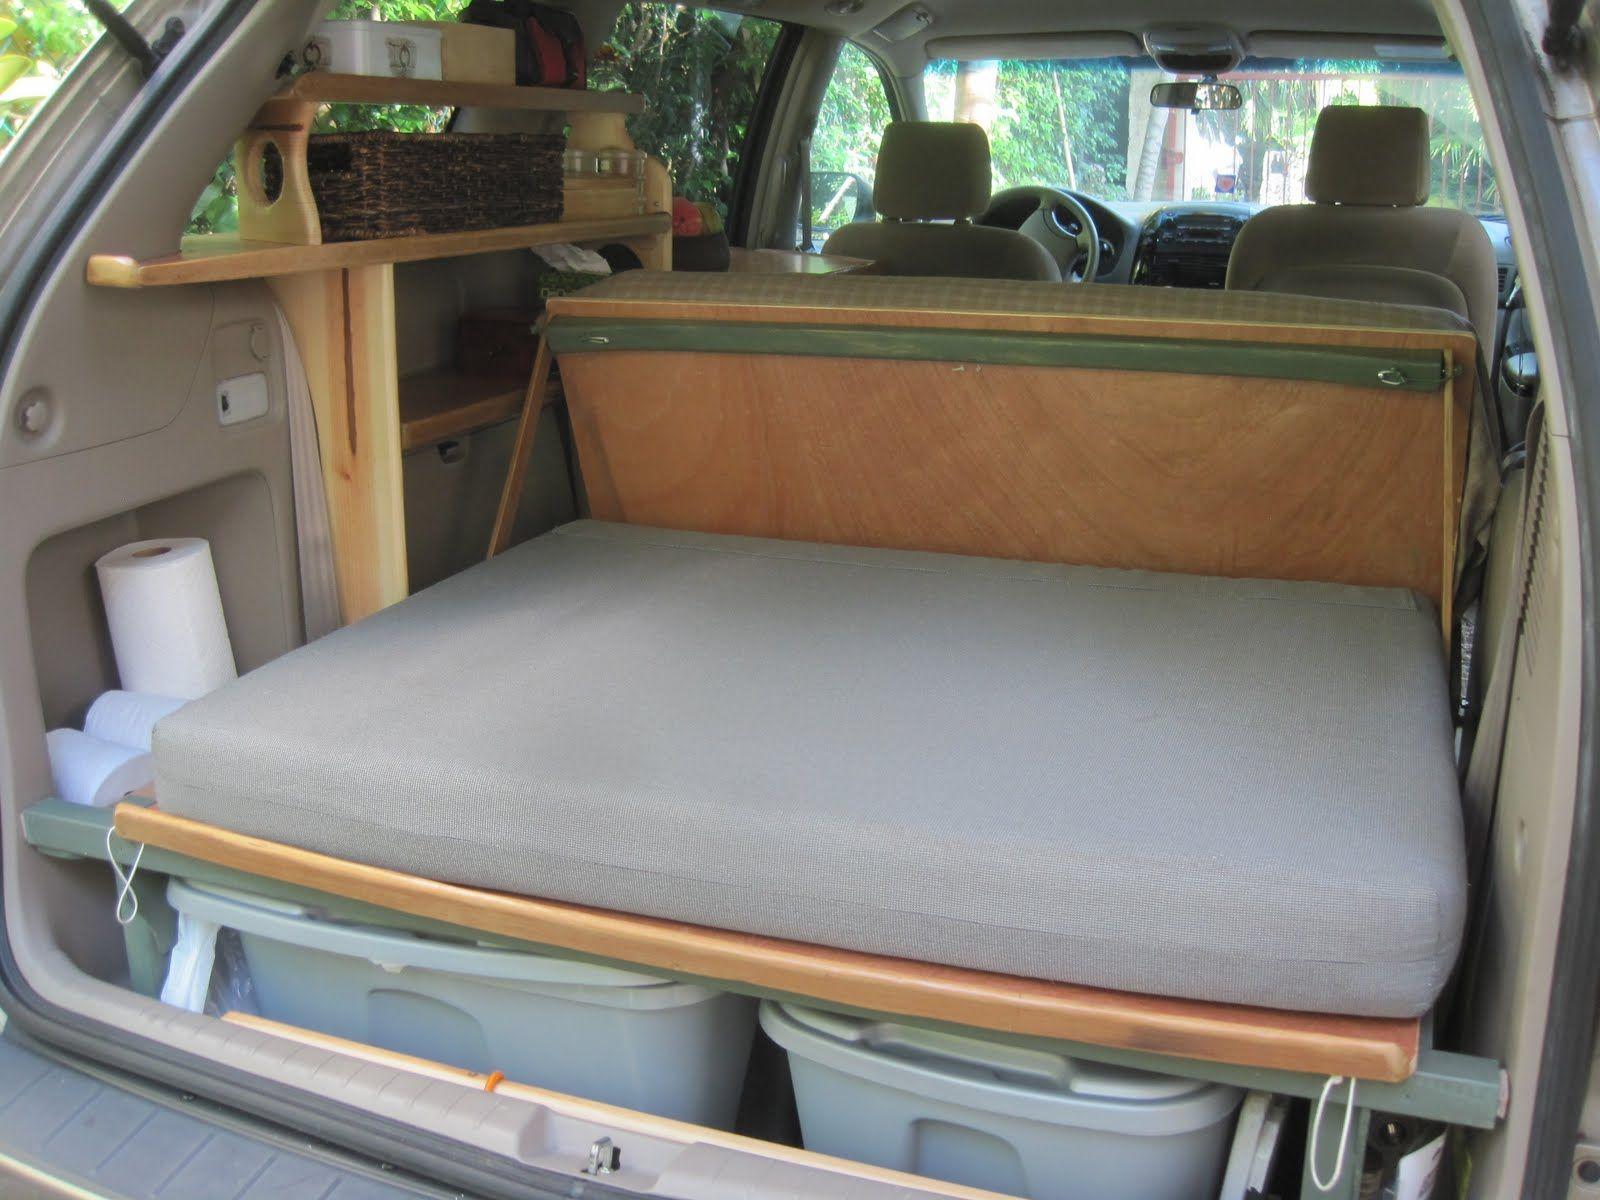 Best 25 sienna van ideas on pinterest suv camper honda van and minivan camping